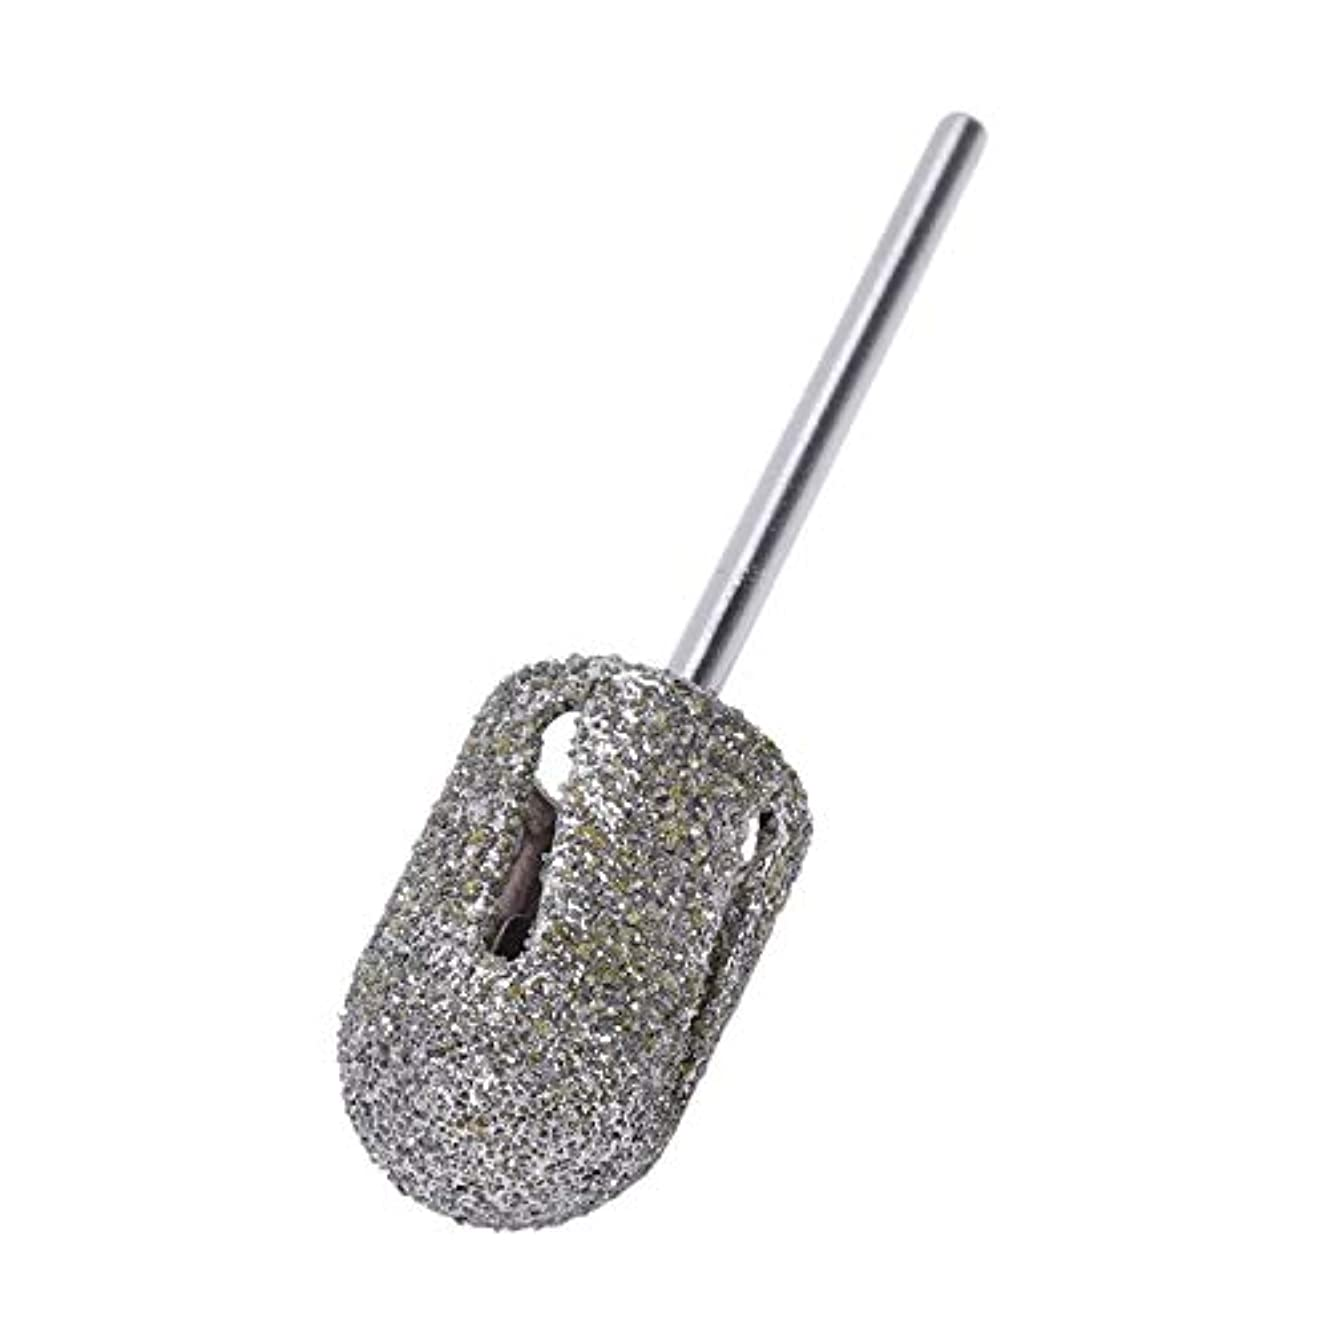 イブニング宗教的なベジタリアンVaorwne ダイヤモンドドリルビットロータリー フットキューティクルクリーン マニキュアペディキュアツール ドリルアクセサリー ネイルミルズ-1